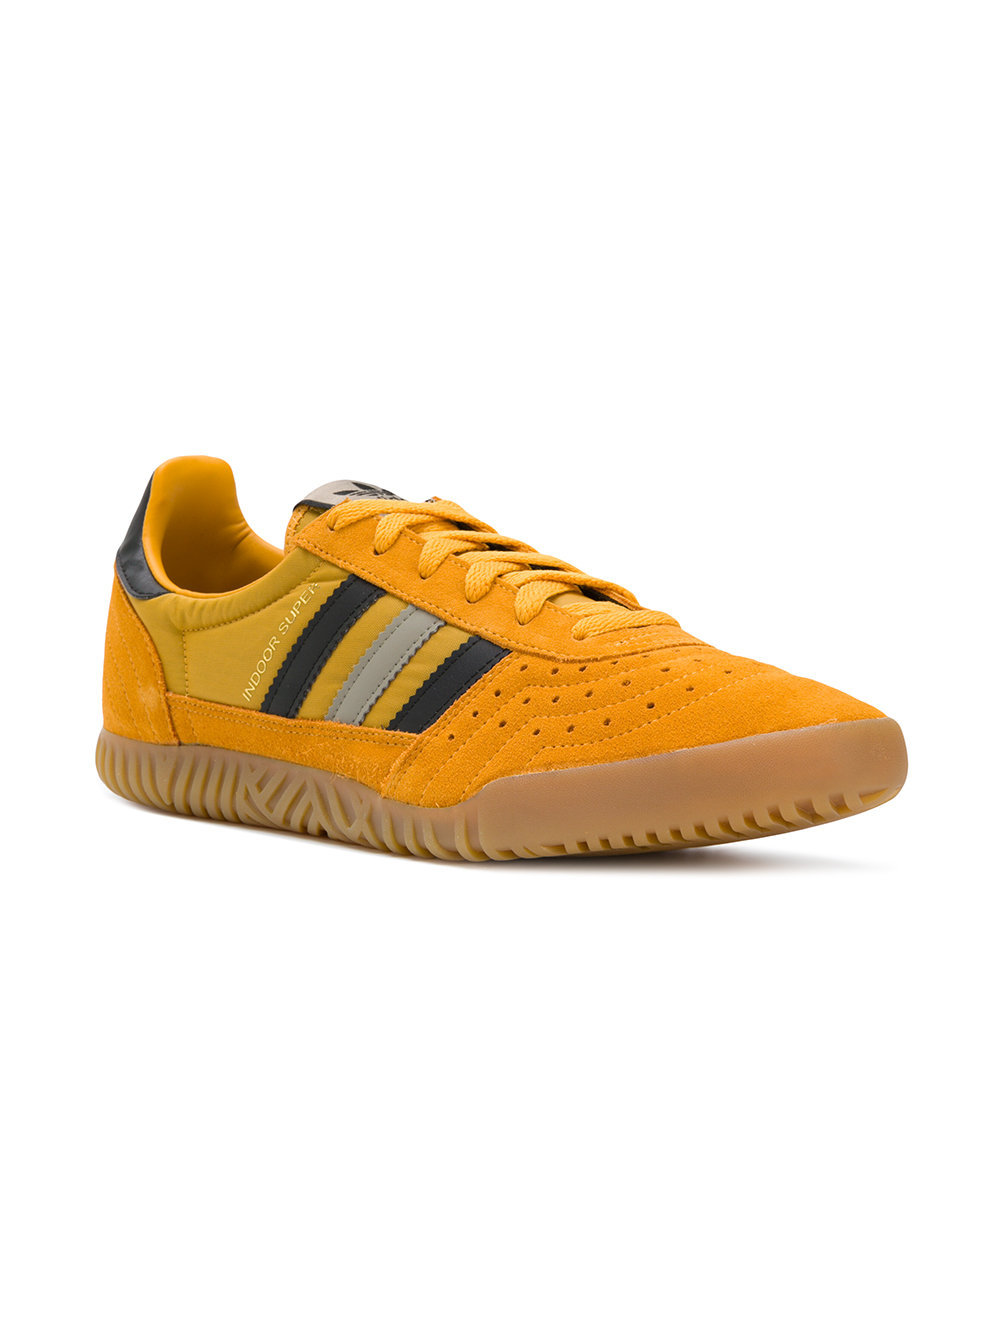 adidas Indoor Super Sneakers, $122